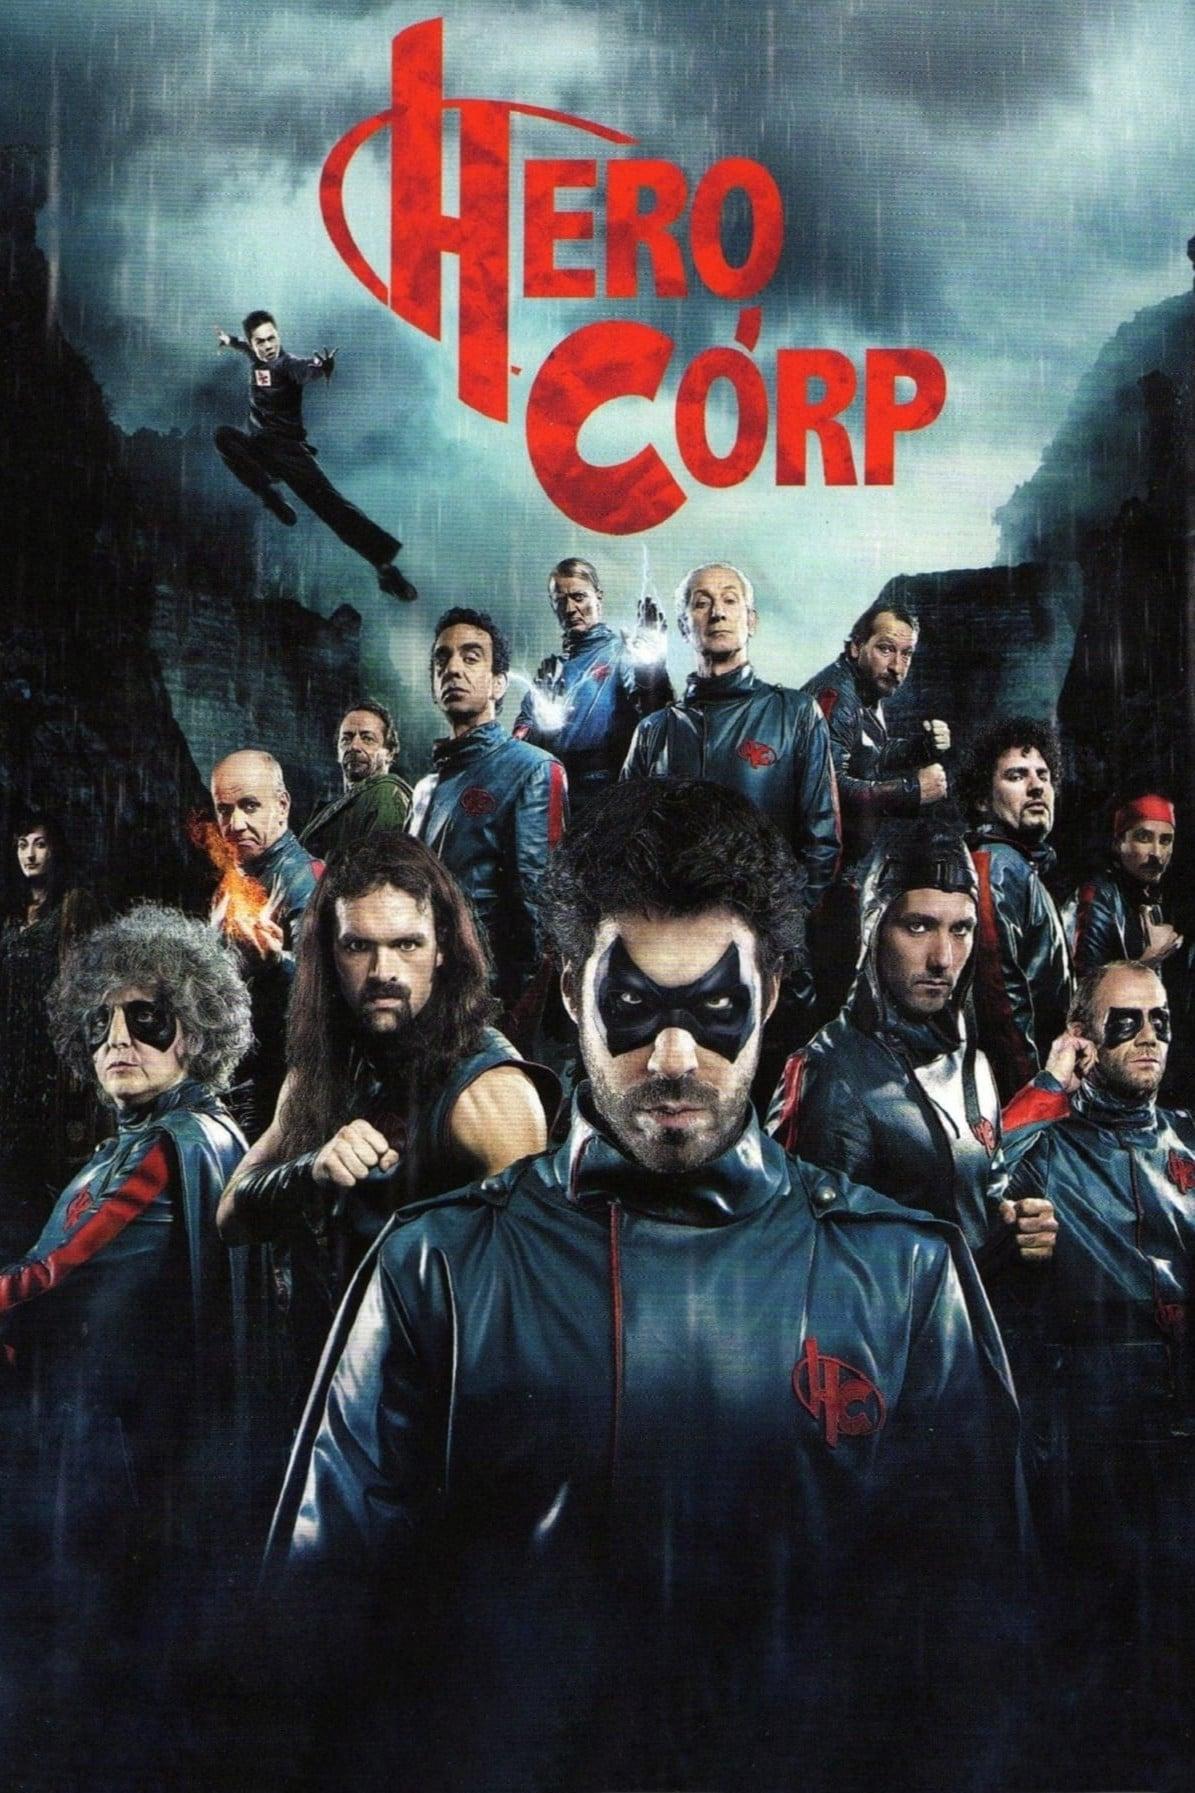 Hero Corp (2008)